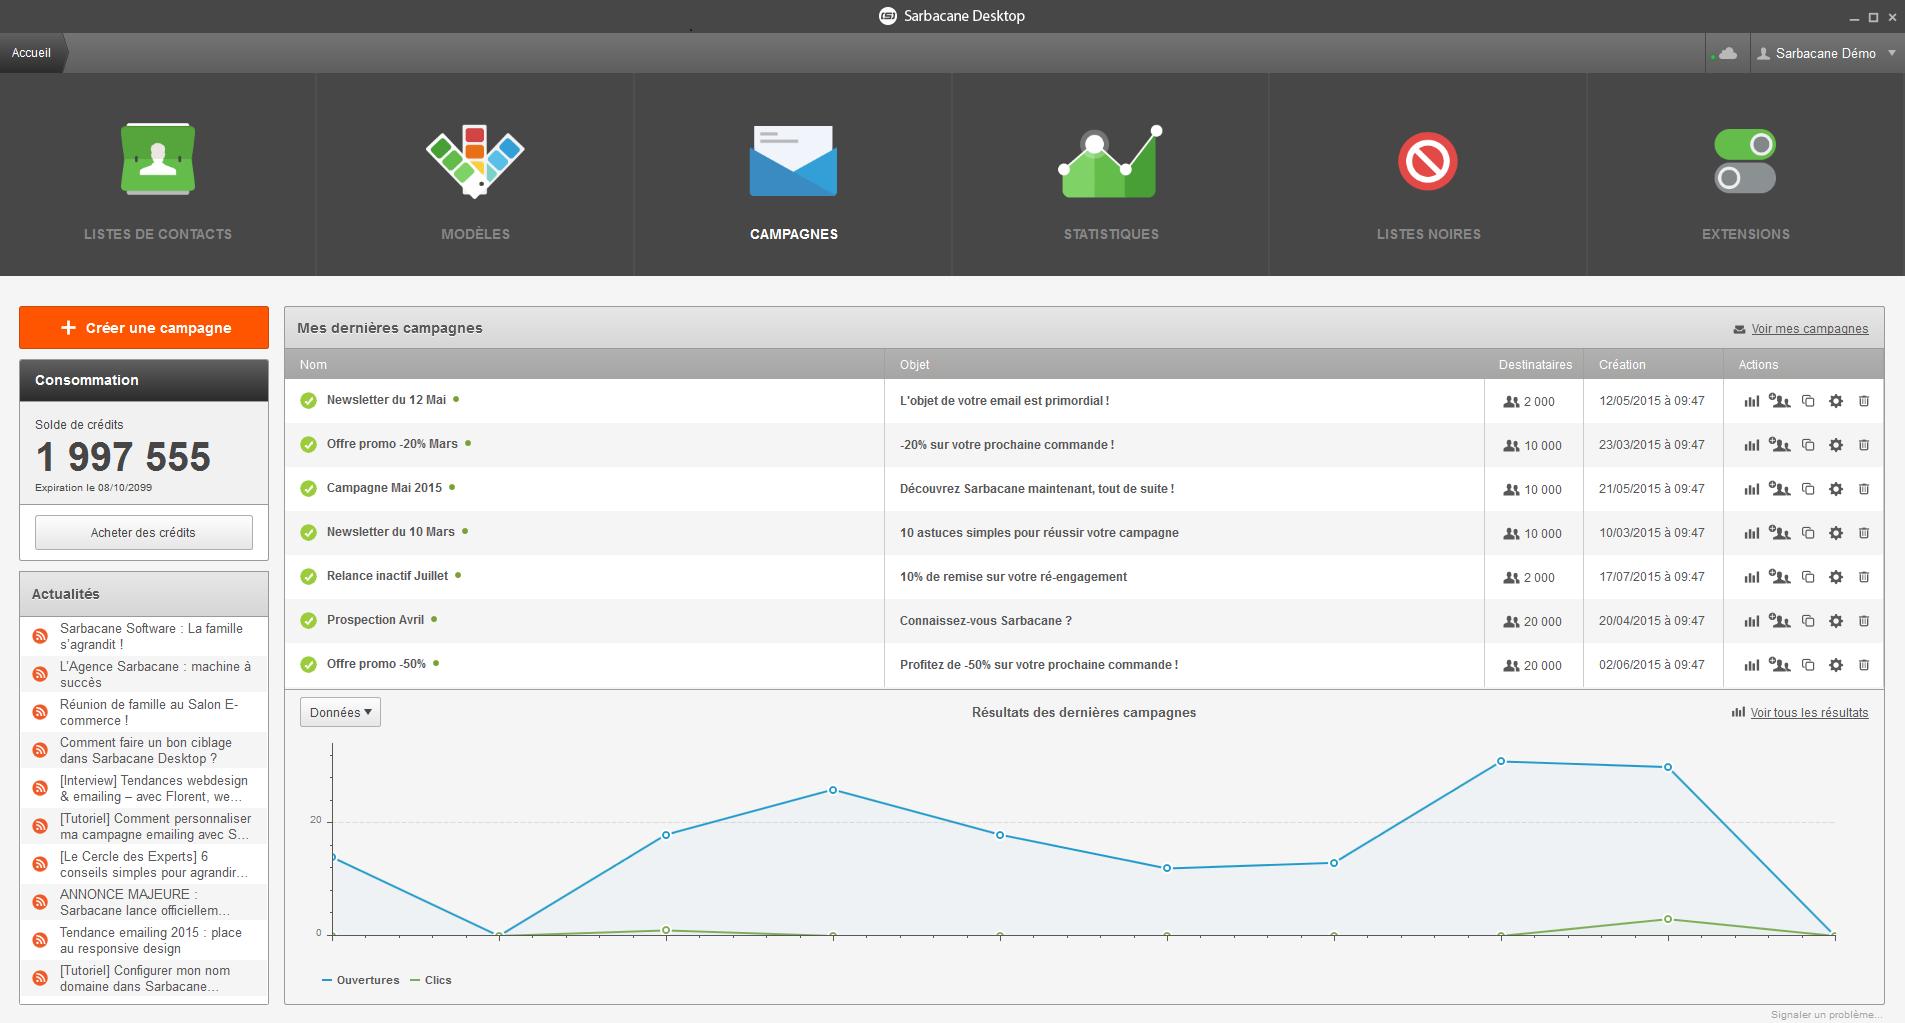 faire une newsletter avec Sarbacane Desktop